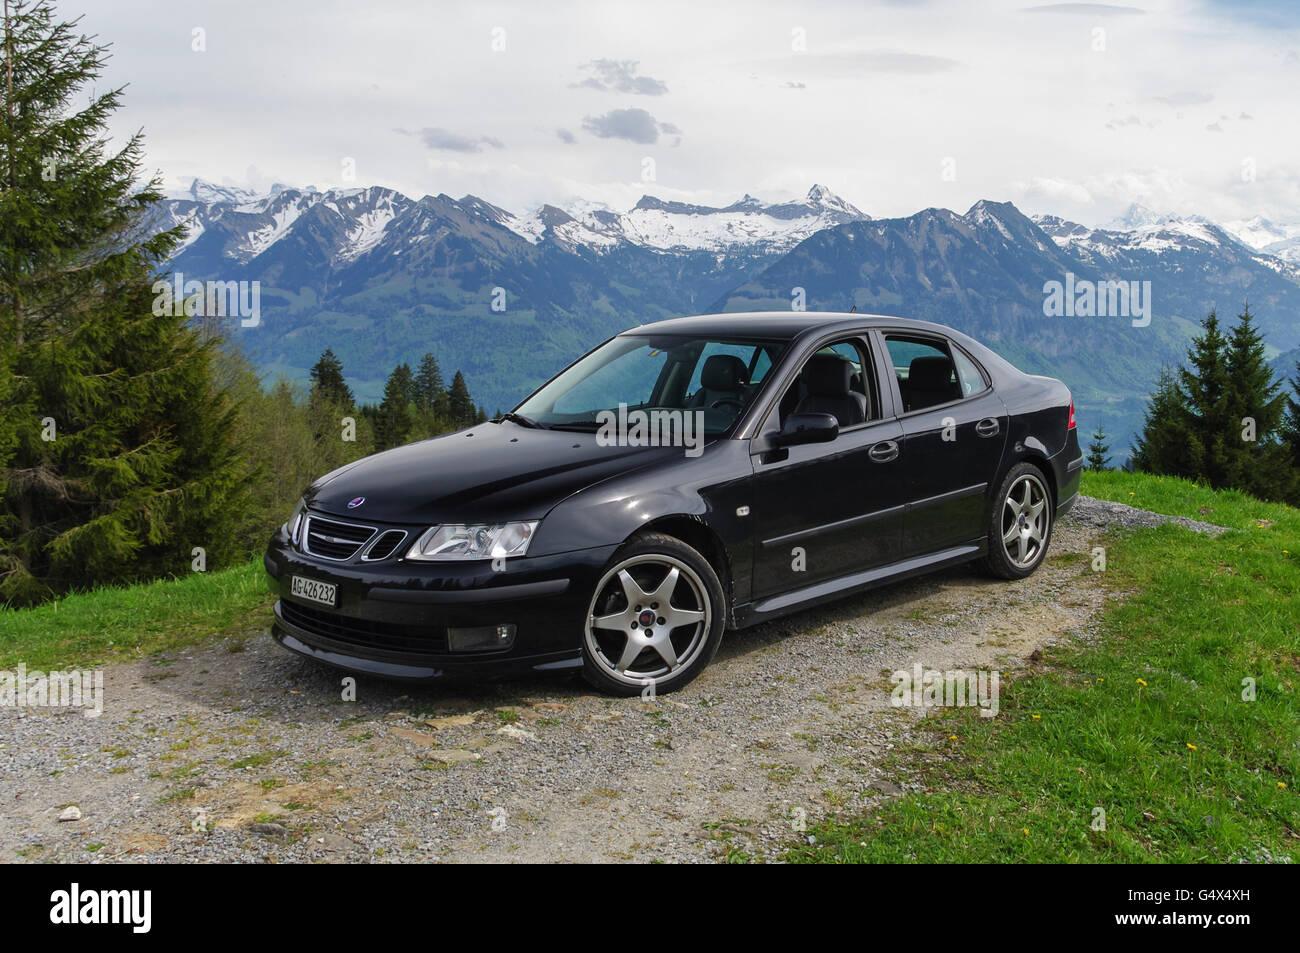 Negro metalizado de segunda generación Saab 9-3 Sedán Aero en frente de un escenario Alpino. Imagen De Stock